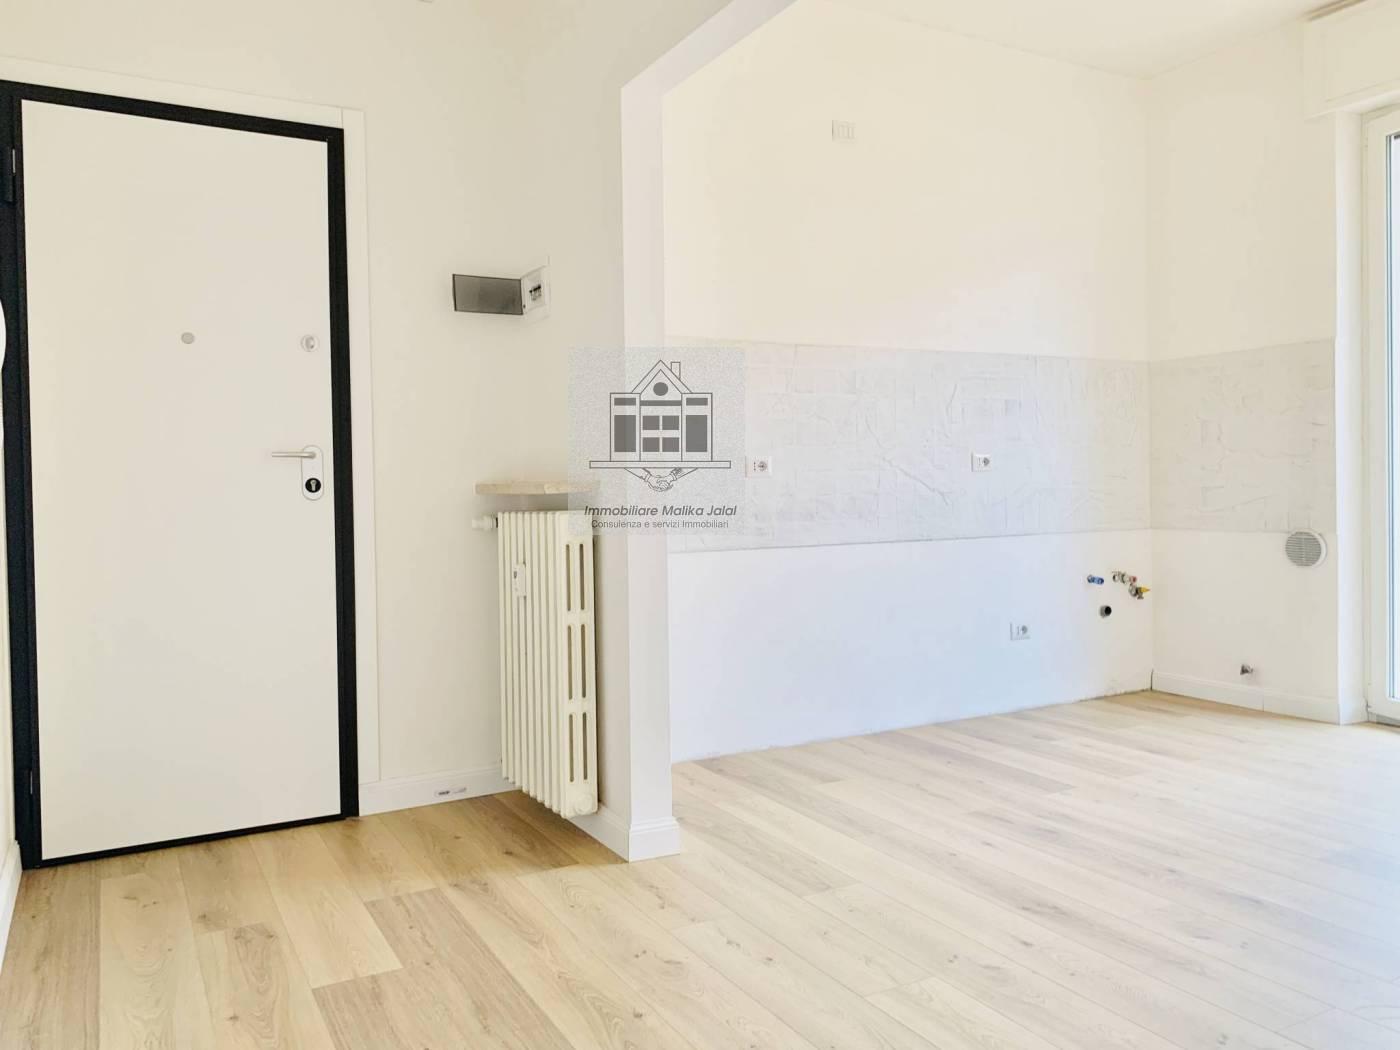 Appartamento in vendita a Verona, 3 locali, zona Località: S.Lucia, prezzo € 110.000 | CambioCasa.it